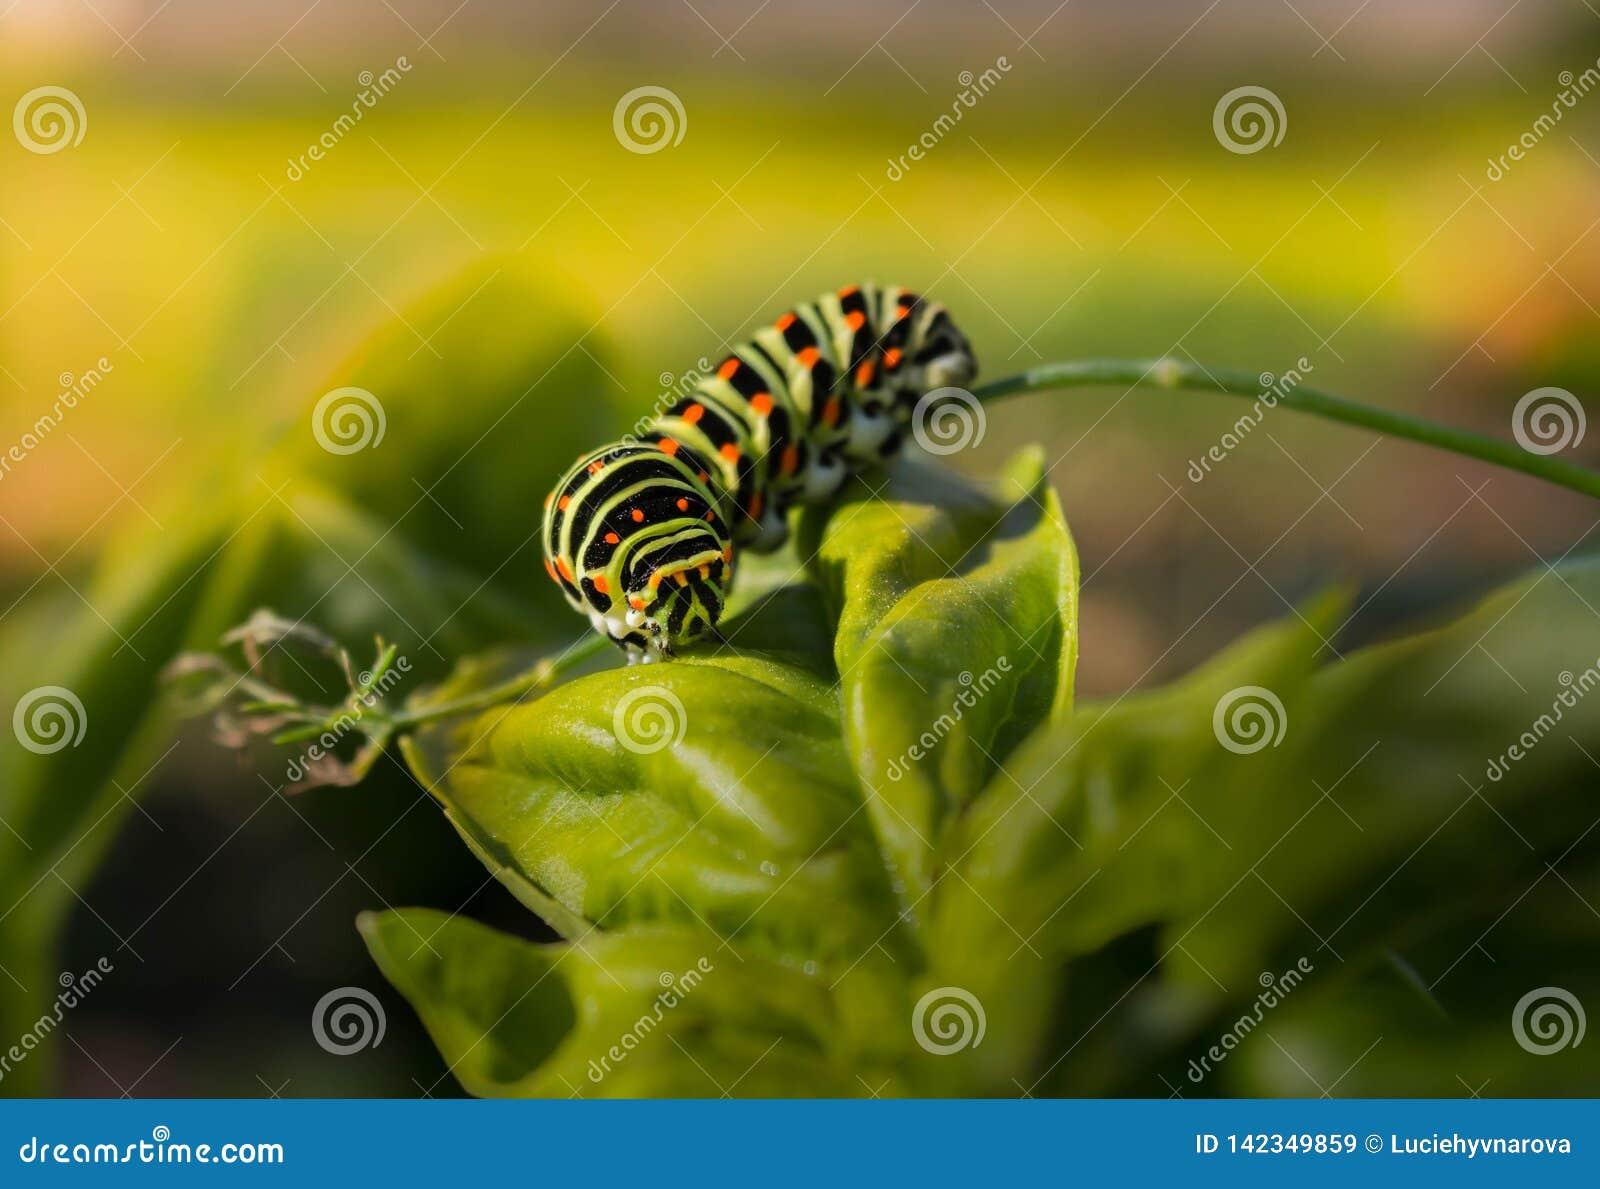 Lagarta de Swallowtail em uma folha